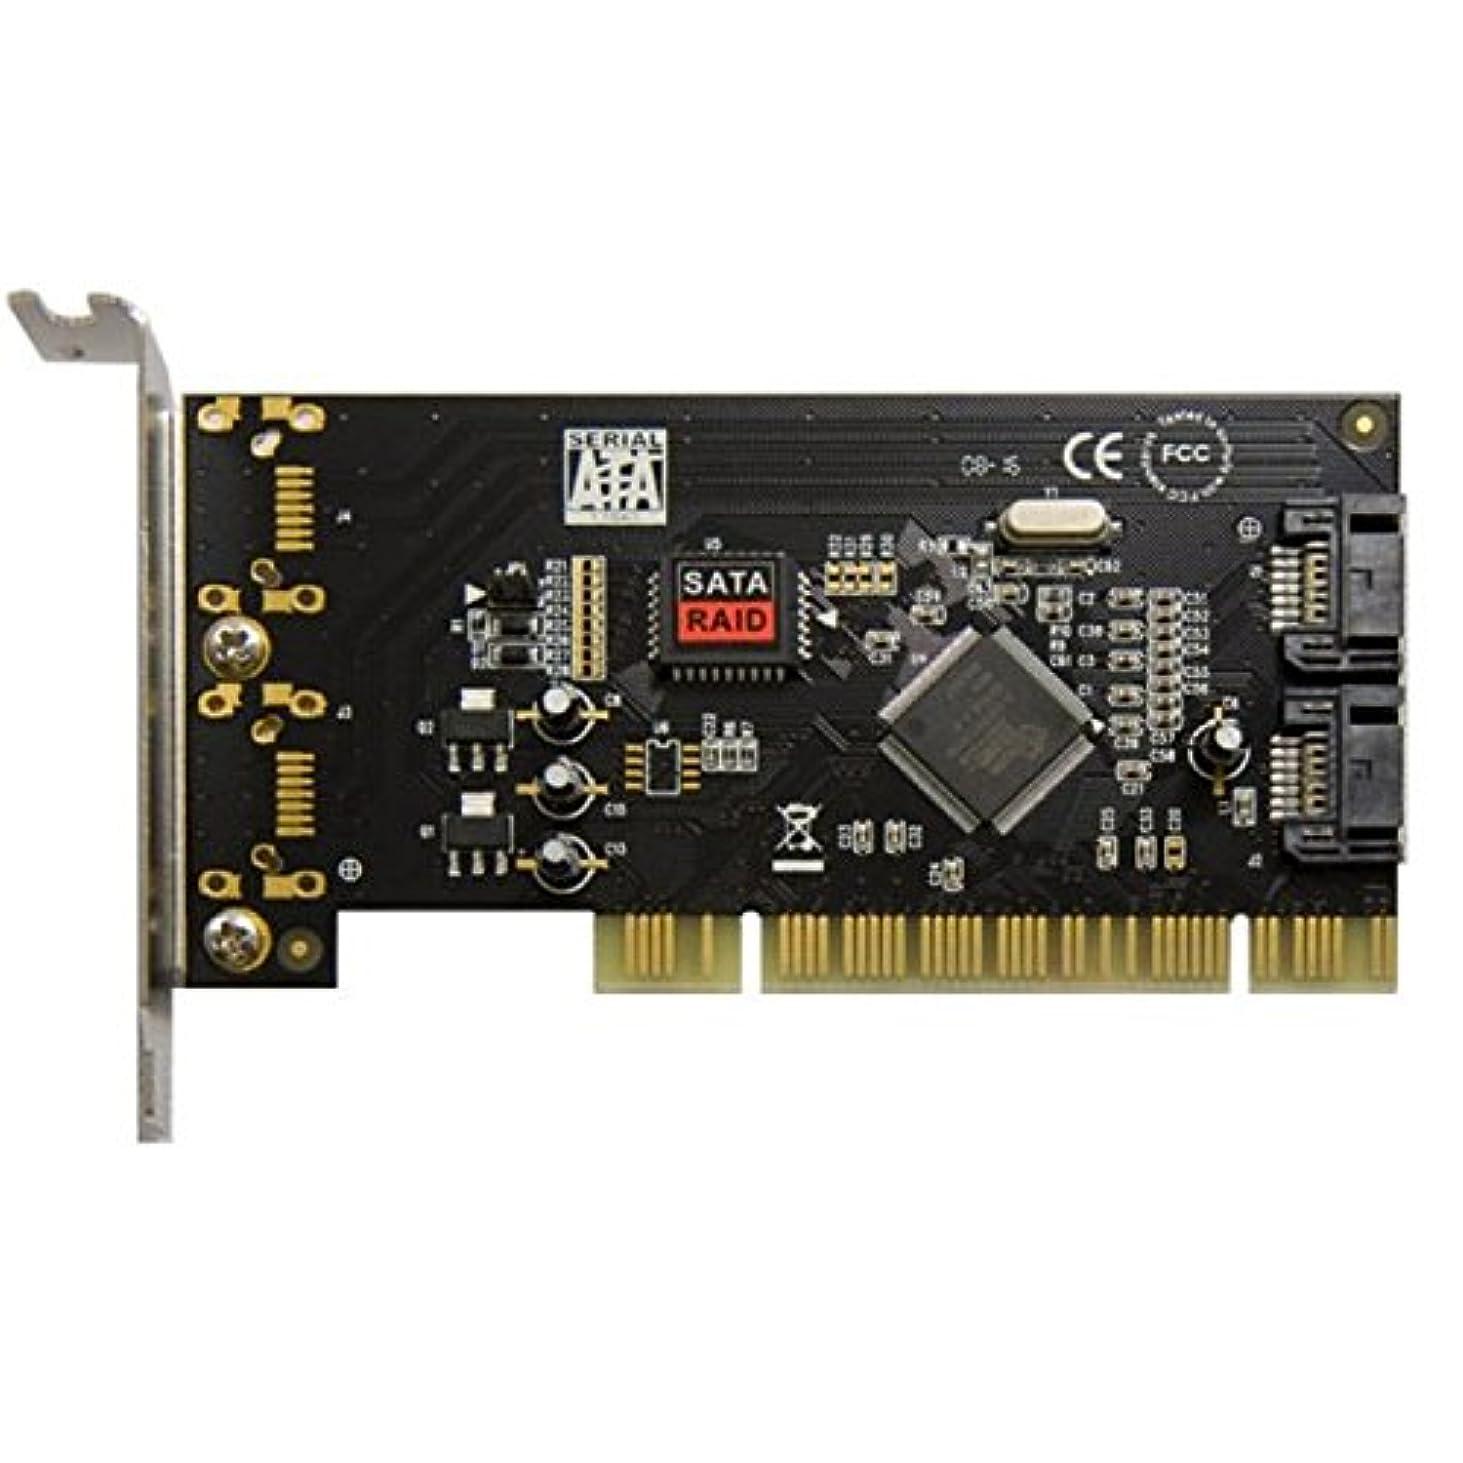 スーツを除くケーブルSyba sd-lp-sil2ir Low Profile PCI SATA 2ポートRaidカードwith sil3512